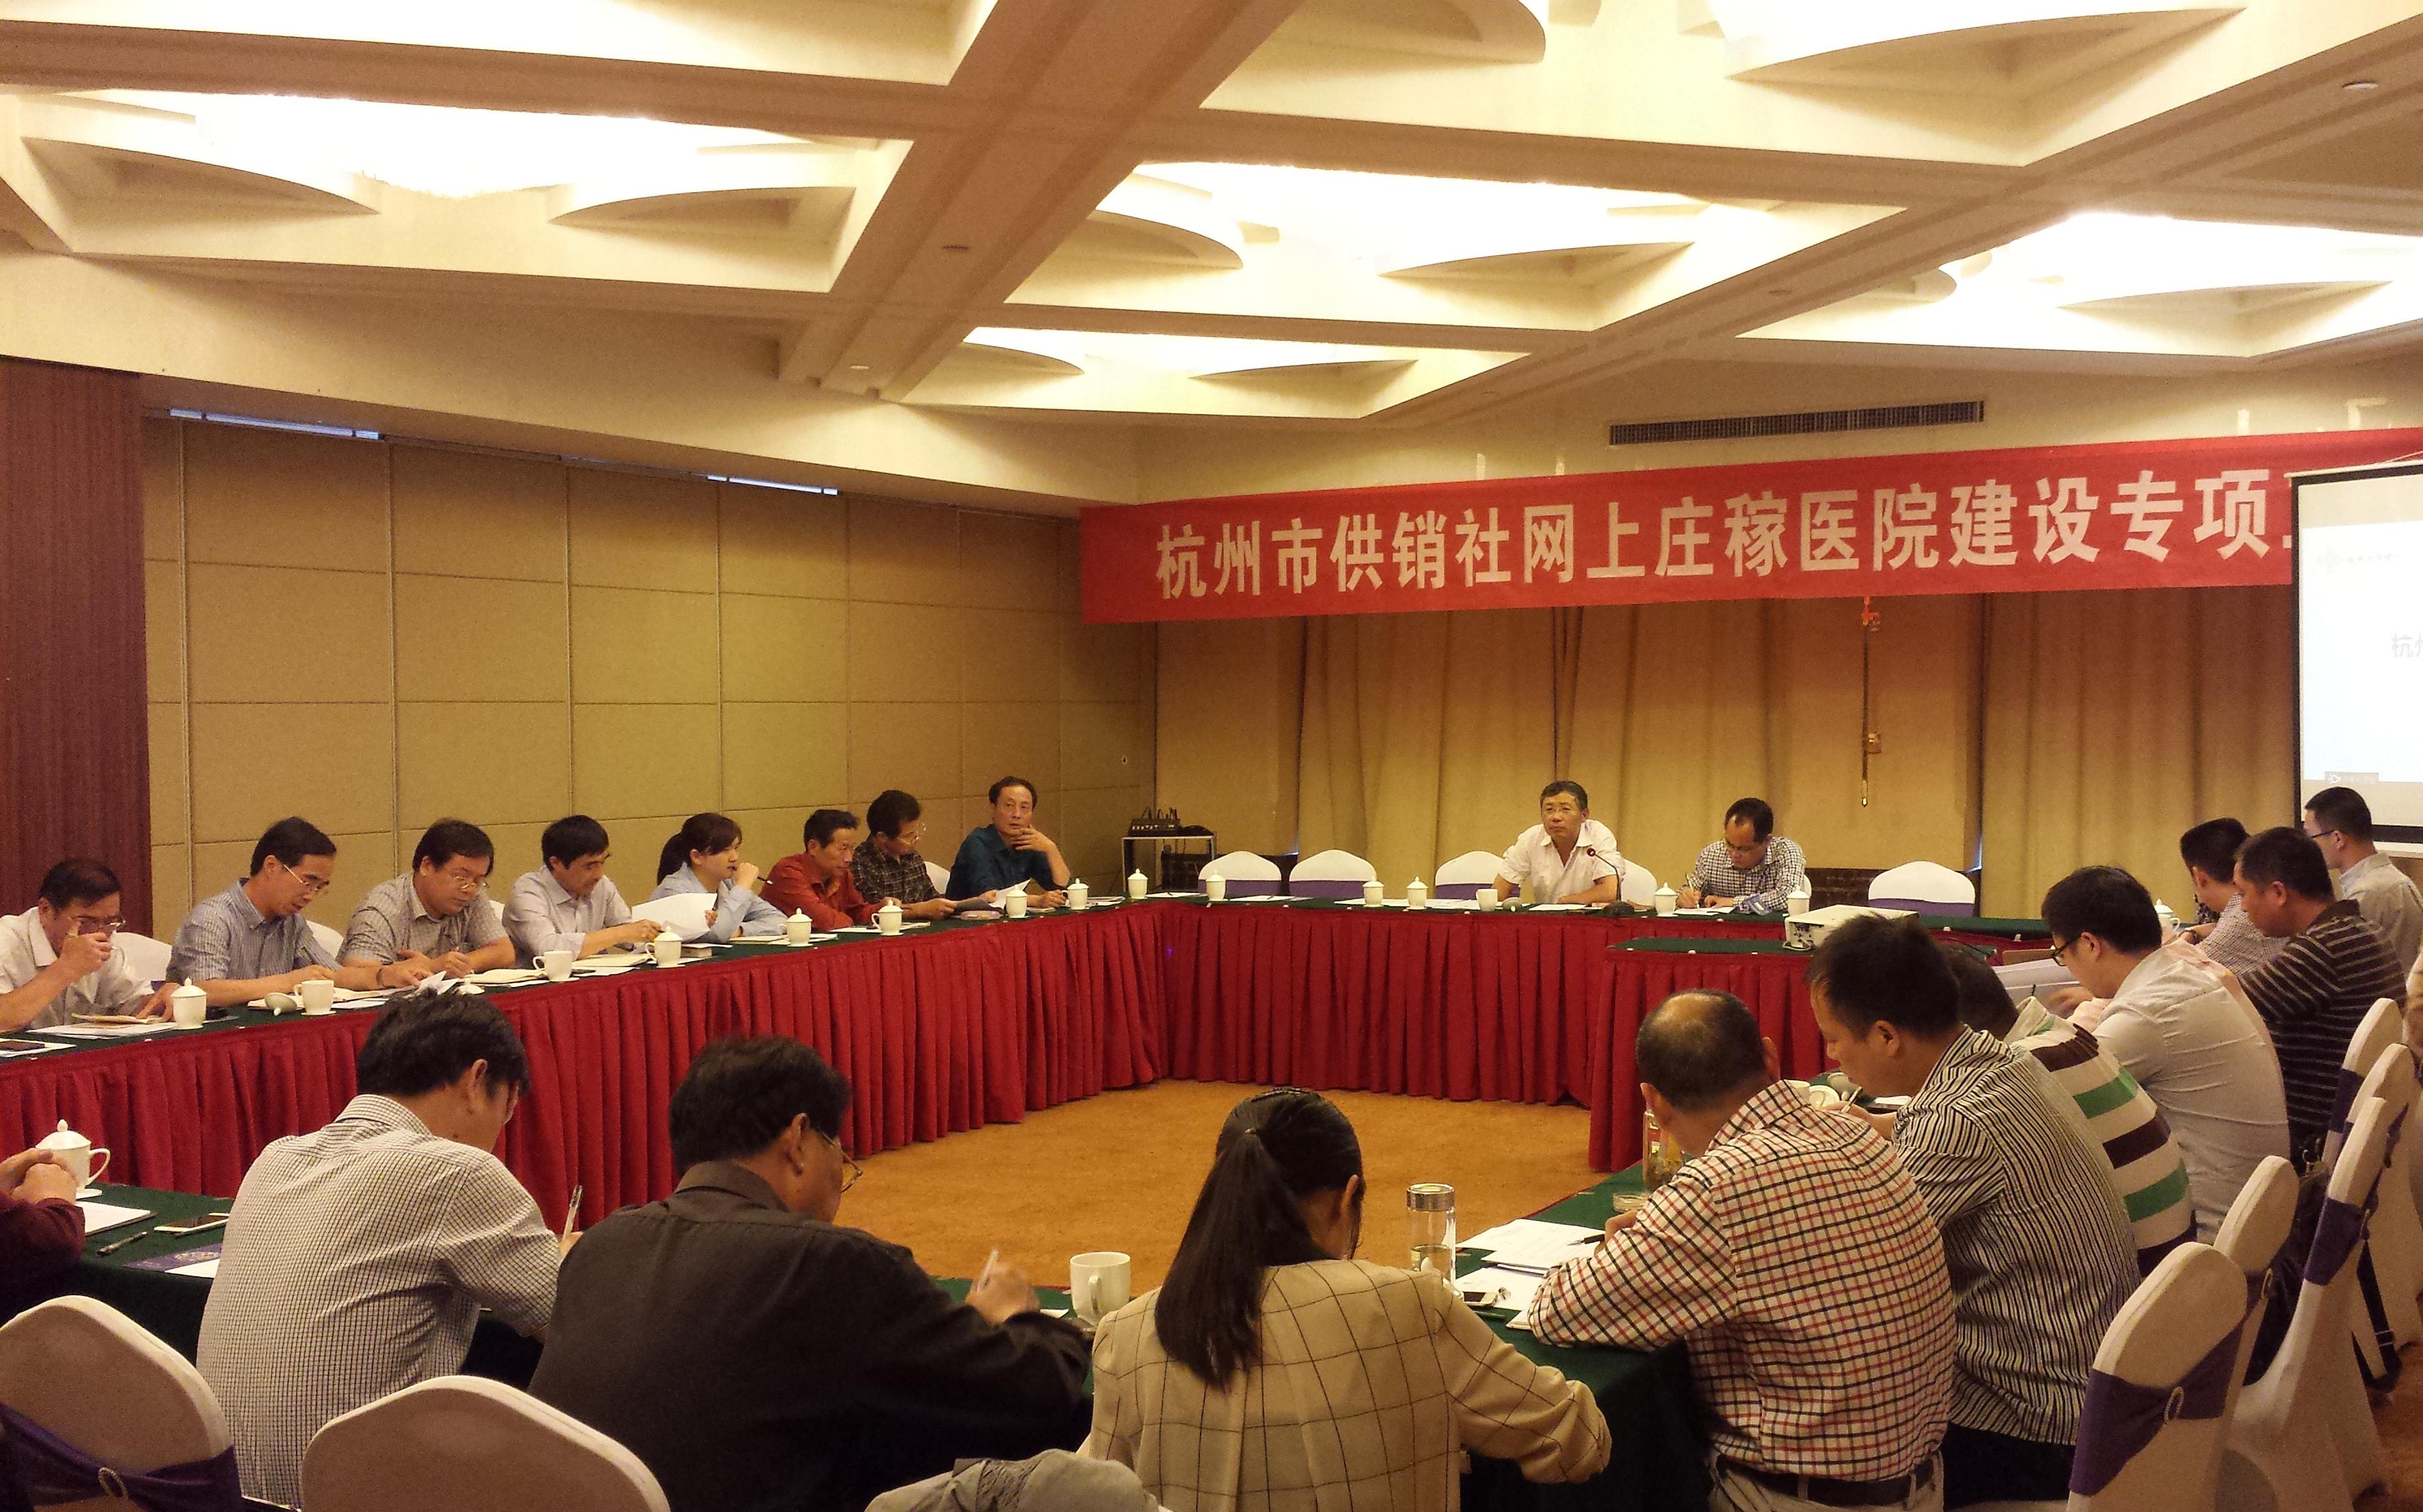 杭州市网上庄稼医院建设专项会议落幕 中农在